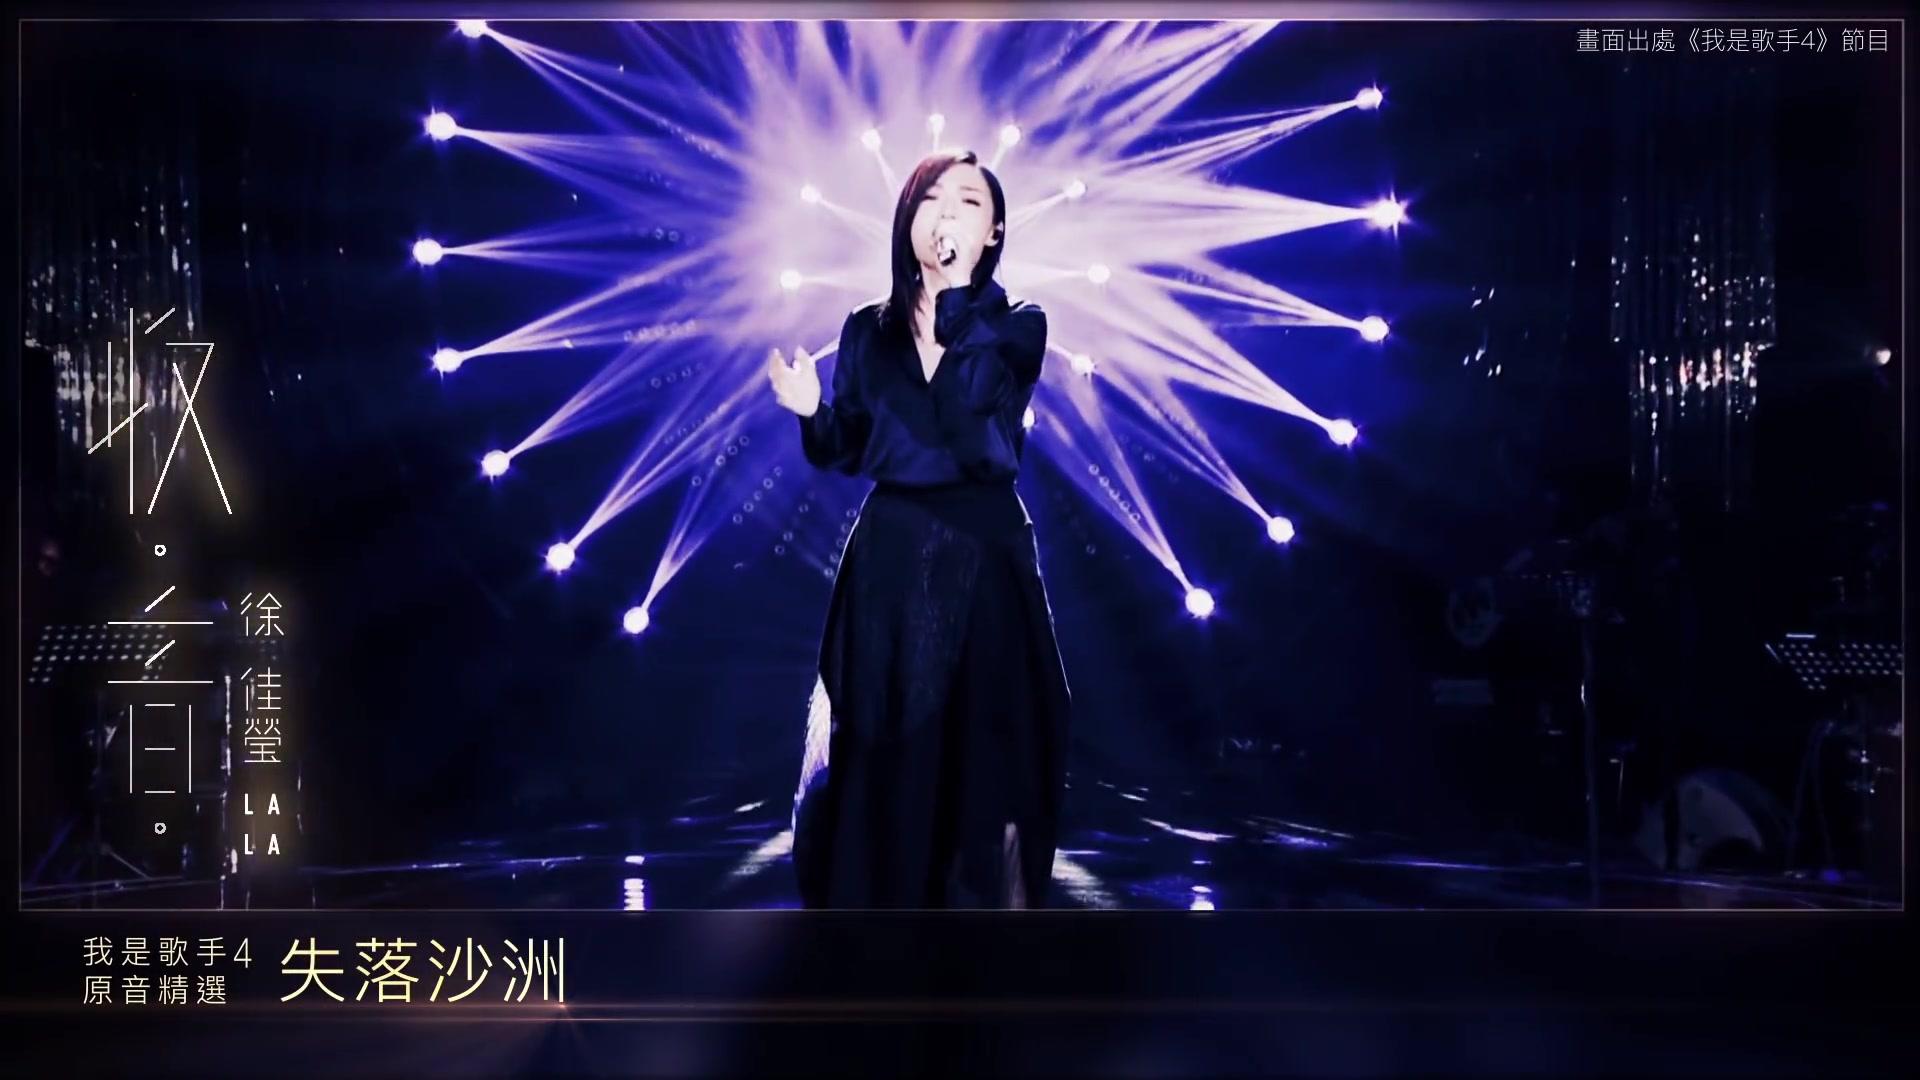 徐佳莹LaLa 收o音o《我是歌手4》原音精选 2016.09.22 数位发行